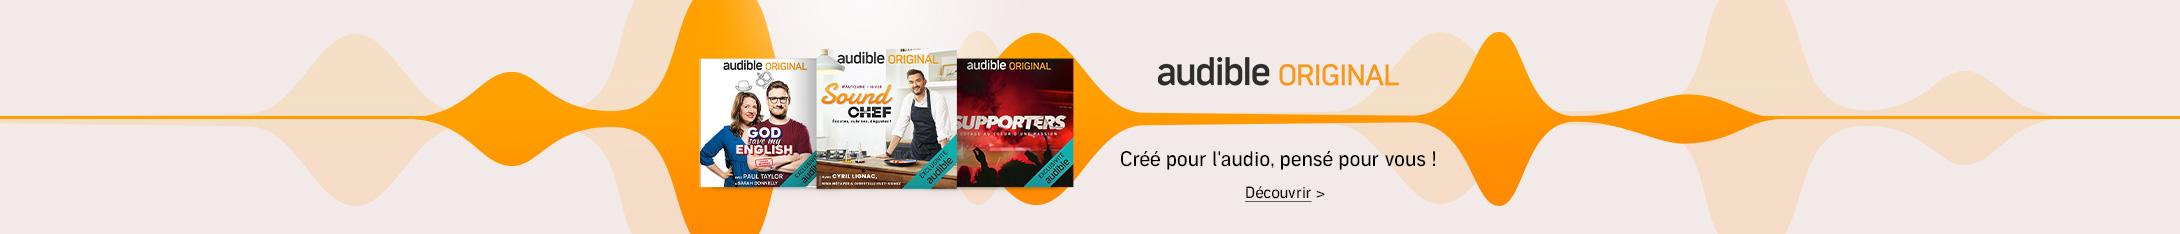 Audible Original - Créé pour l'audio, pensé pour vous !